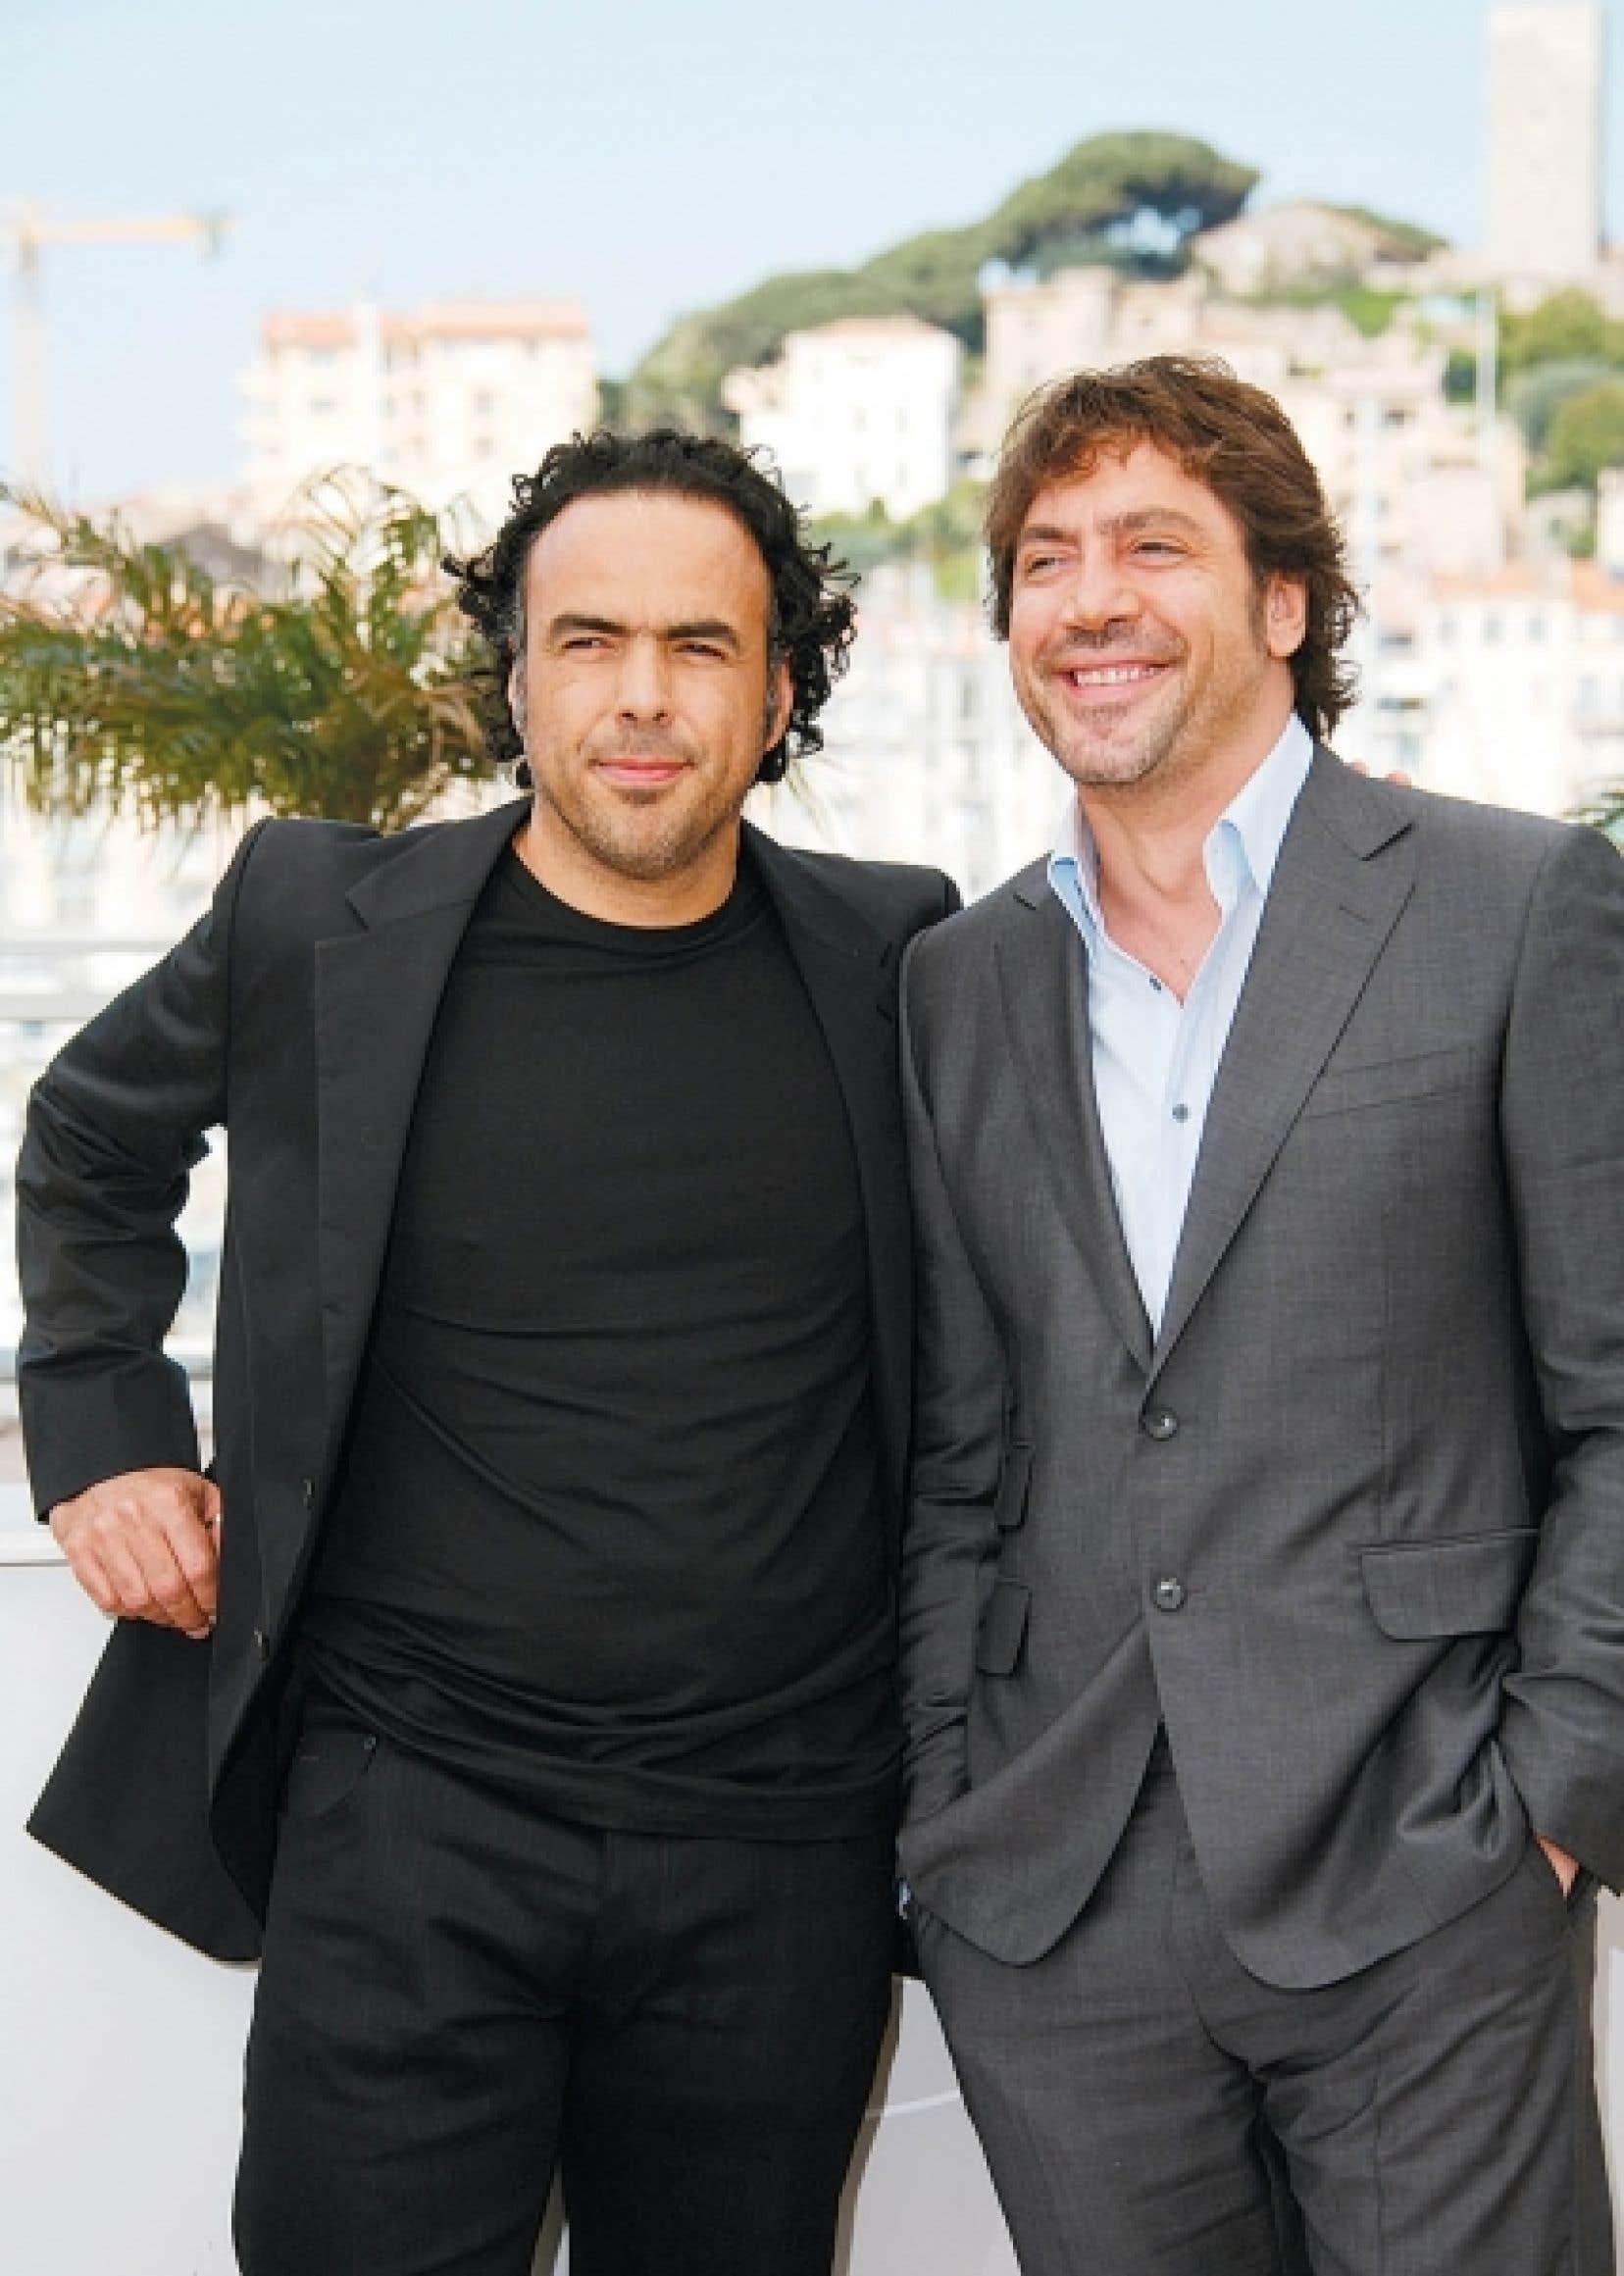 Le réalisateur mexicain Alejandro González Iñárritu aux côtés de l'acteur principal de son film Biutiful, l'Espagnol Javier Bardem, hier, à Cannes.